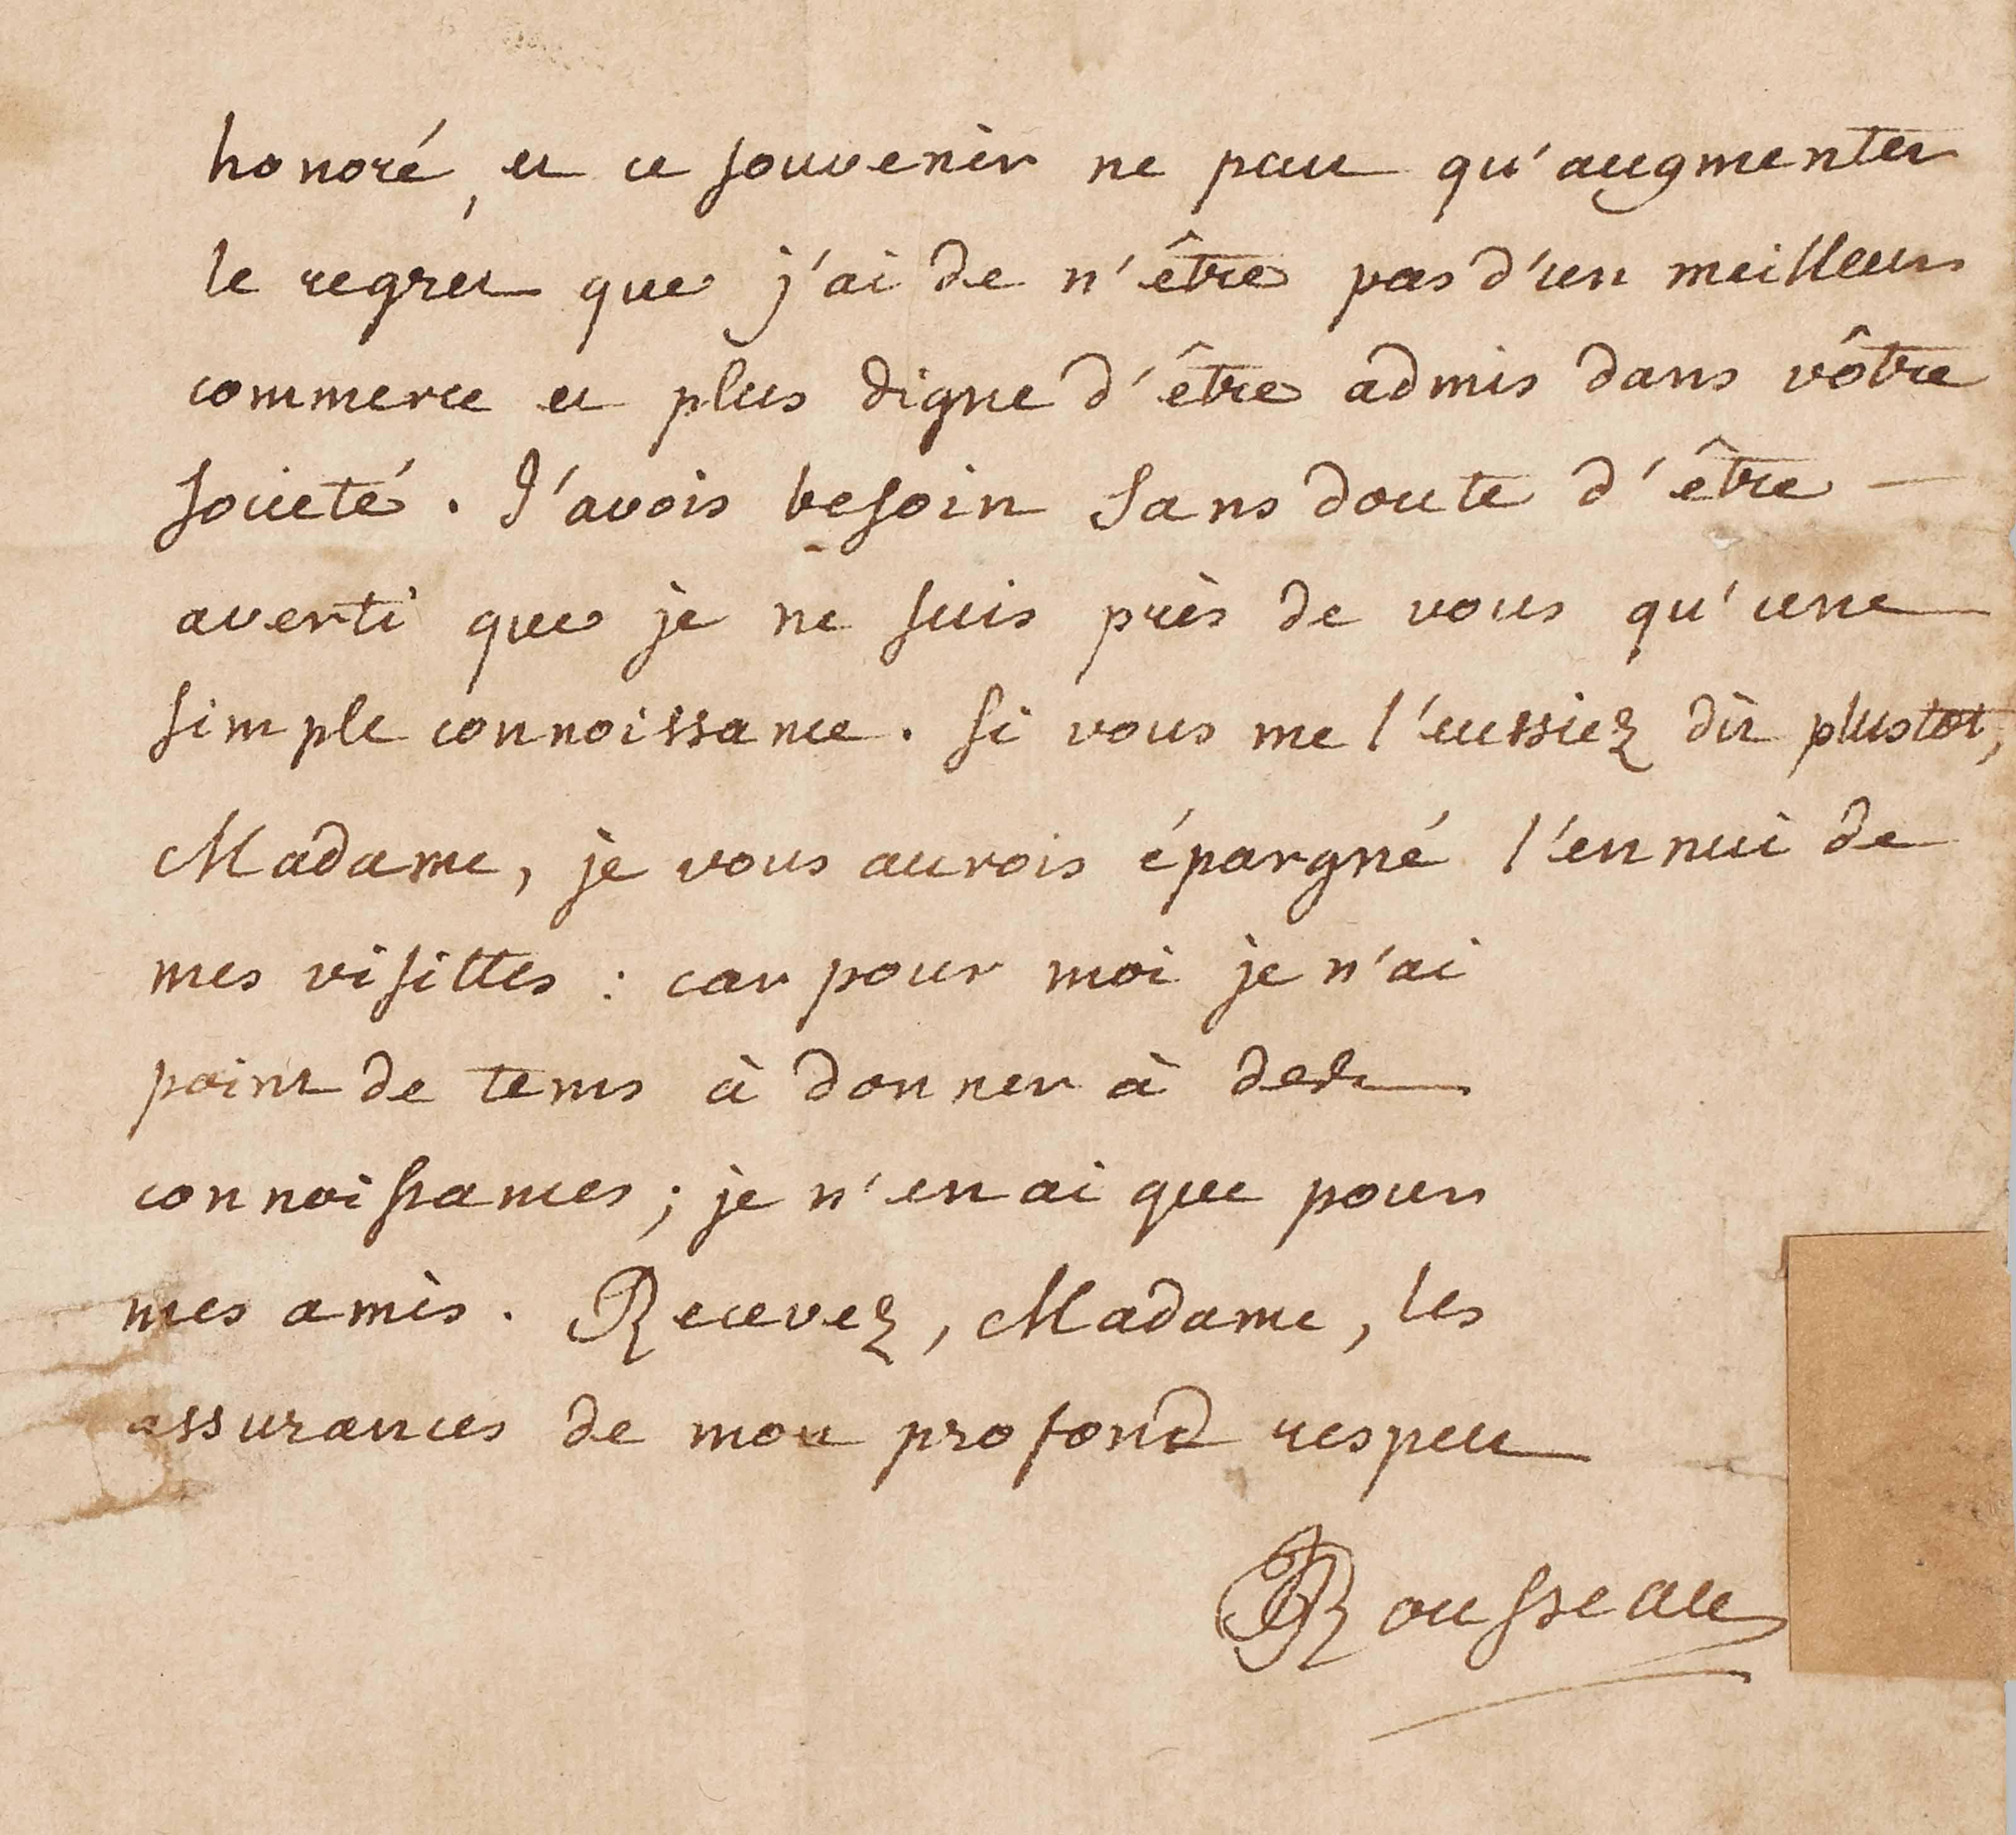 """Jean-Jacques ROUSSEAU (1712-1778). Lettre autographe signée """"Rousseau"""" à la marquise de Verdelin, située et datée """"A Montmorenci le 5 9bre 1760"""". 2 pages et demie sur un double feuillet in-12 (190 x 135 mm). Encre brune sur papier. Suscription autographe """"A Madame  Madame la Marquise  de Verdelin  a Soisi"""", traces de cachet de cire."""